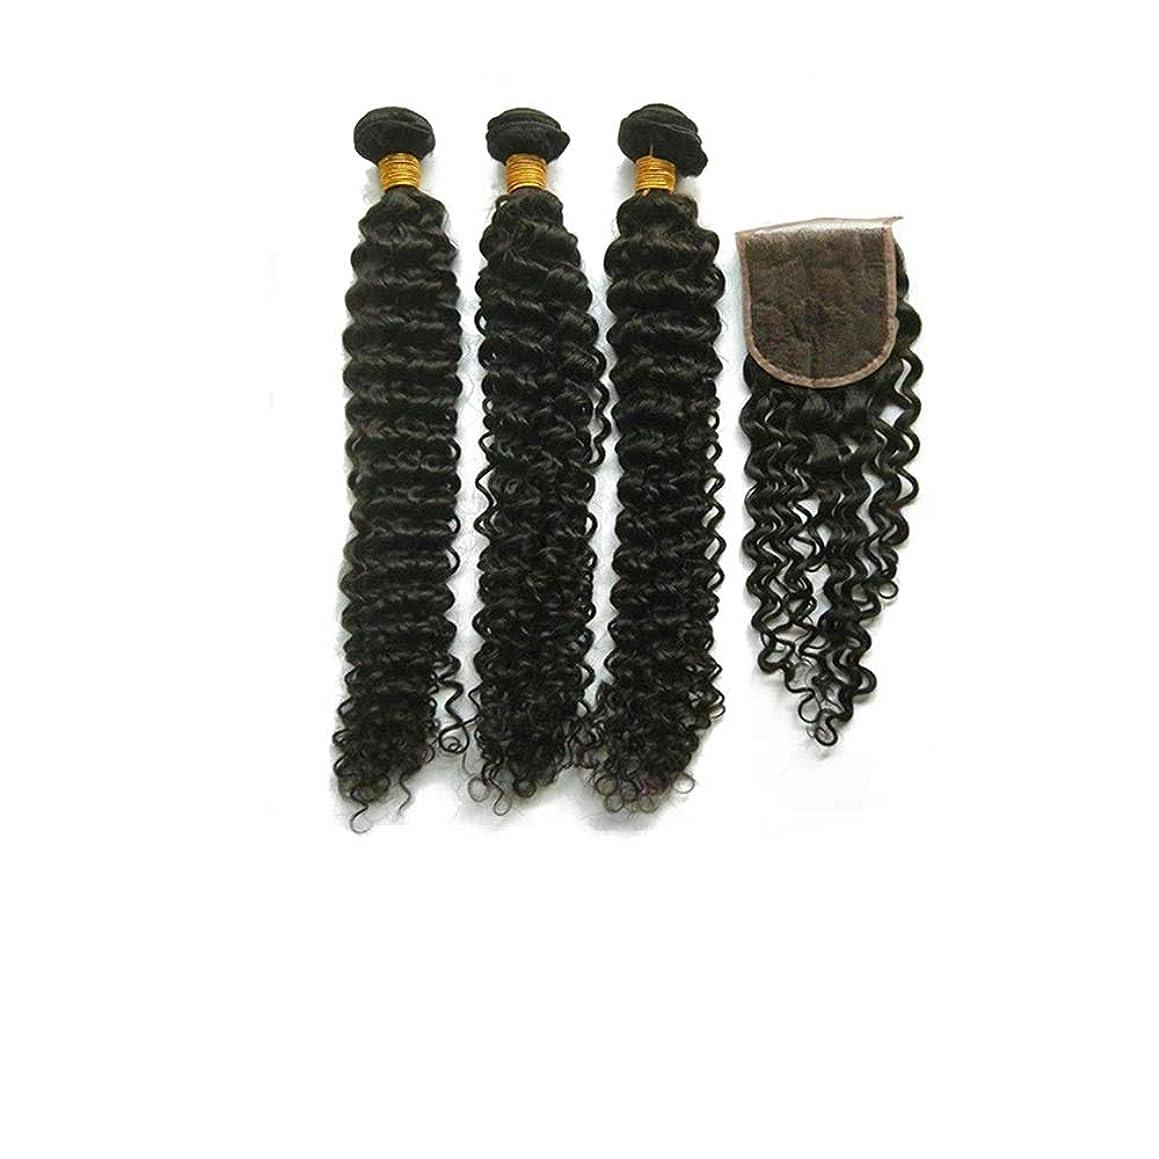 職業限界あいまいなBOBIDYEE ブラジルの黒人男性の深い巻き本物の人間の髪の毛の編み物のかつら合成毛レースのかつらロールプレイングかつら (色 : 黒, サイズ : 24inch)